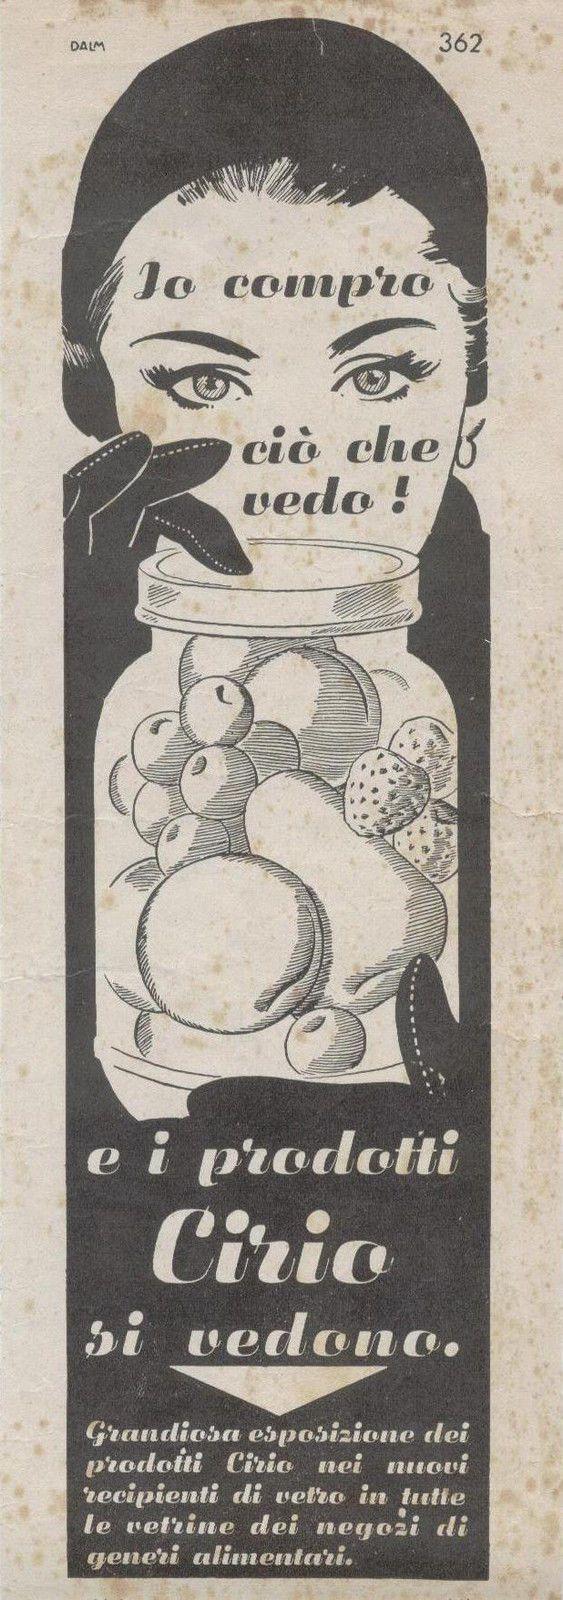 Pubblicità anni '50, Cirio 1952